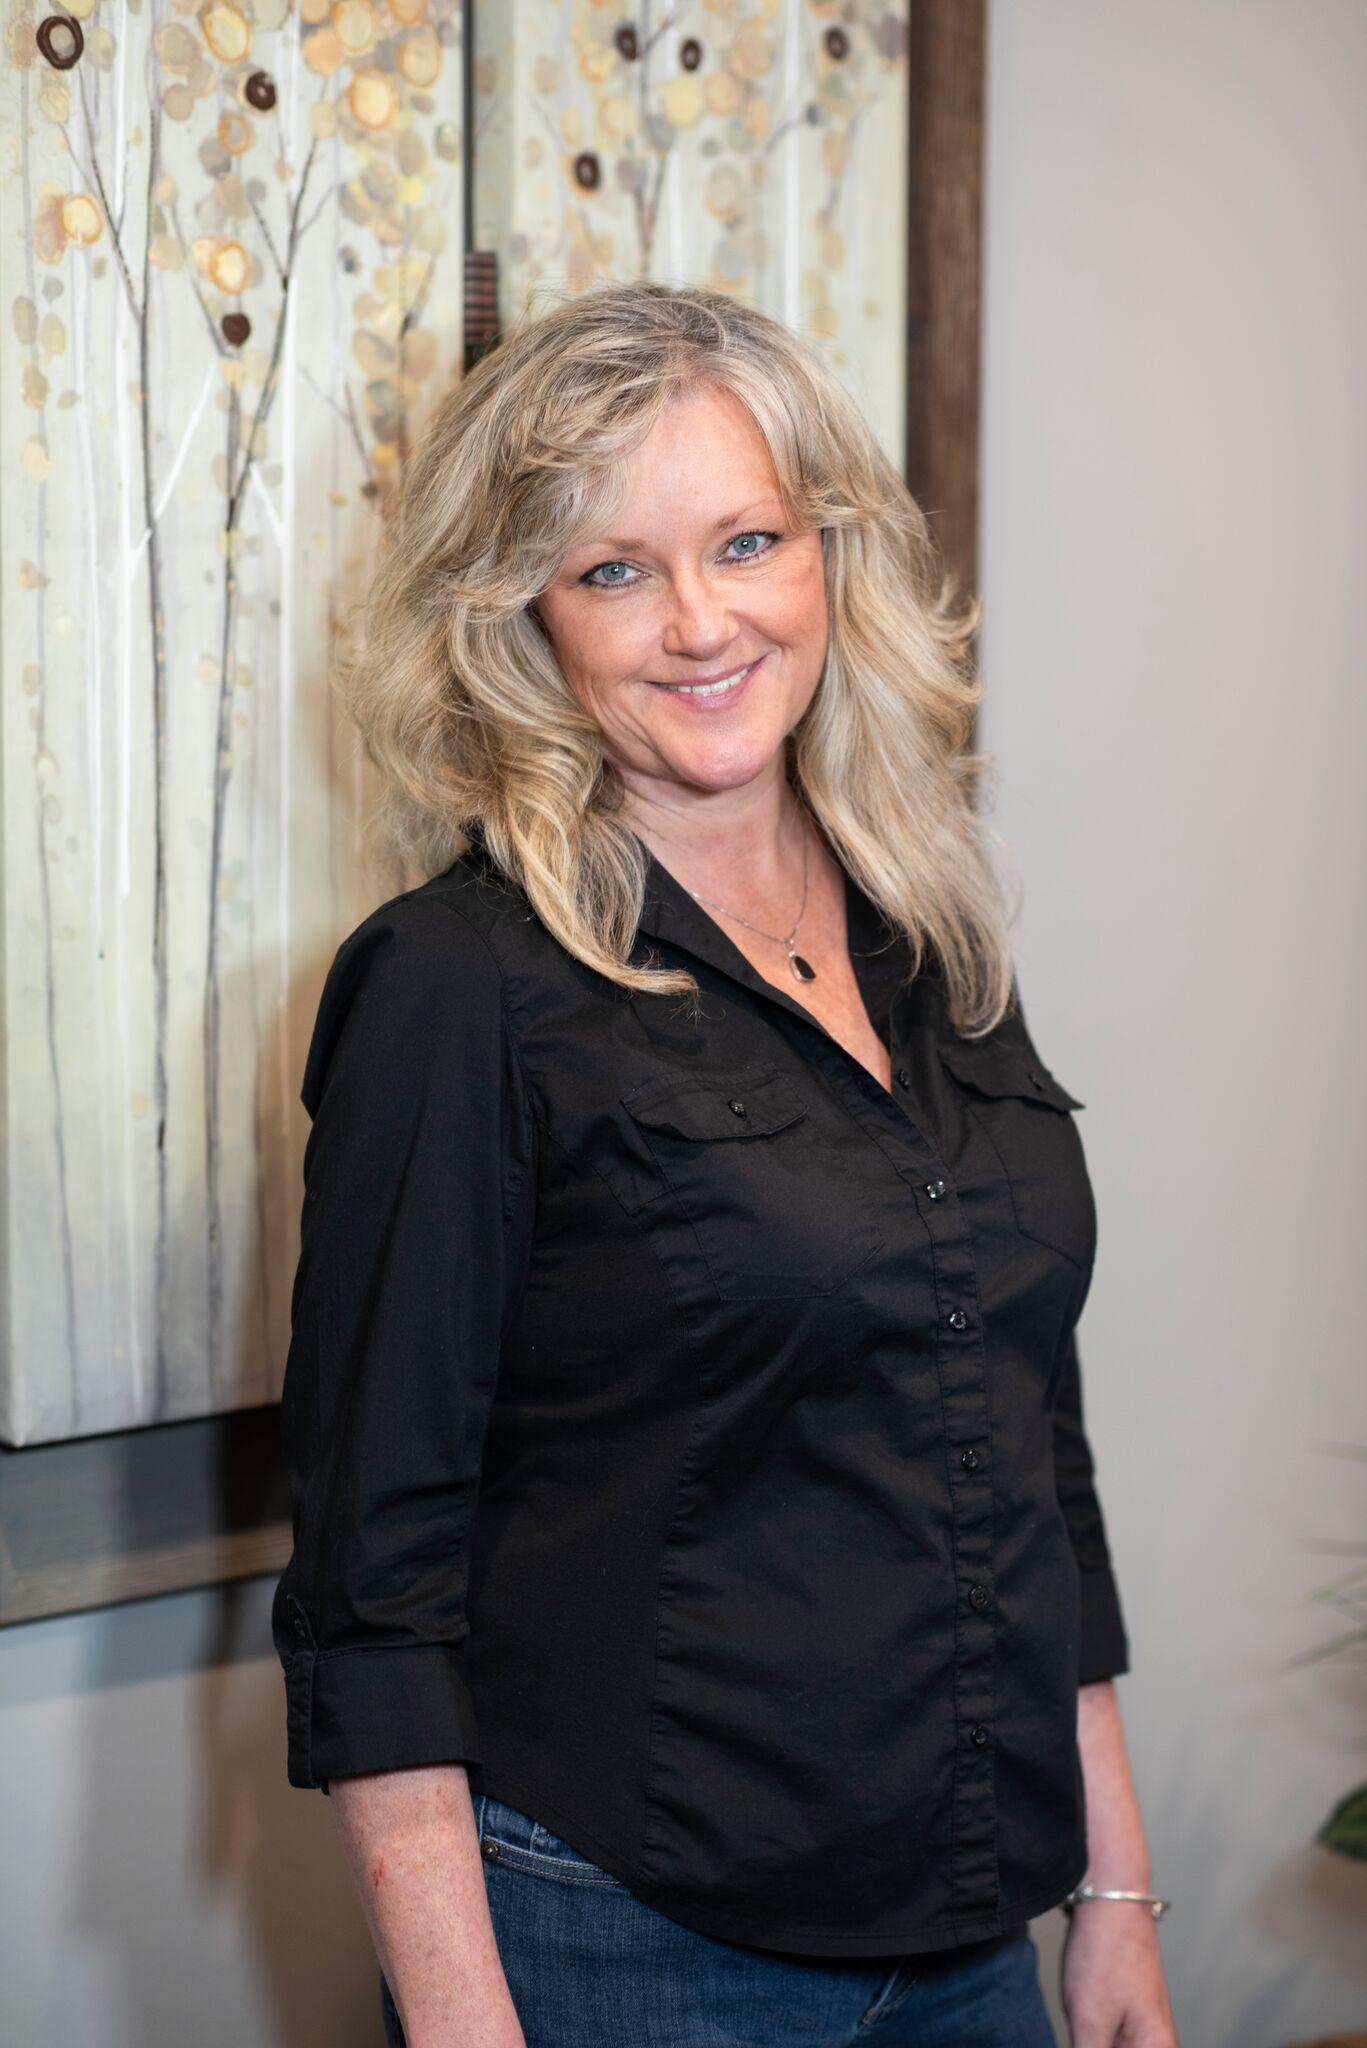 Rhonda Hein